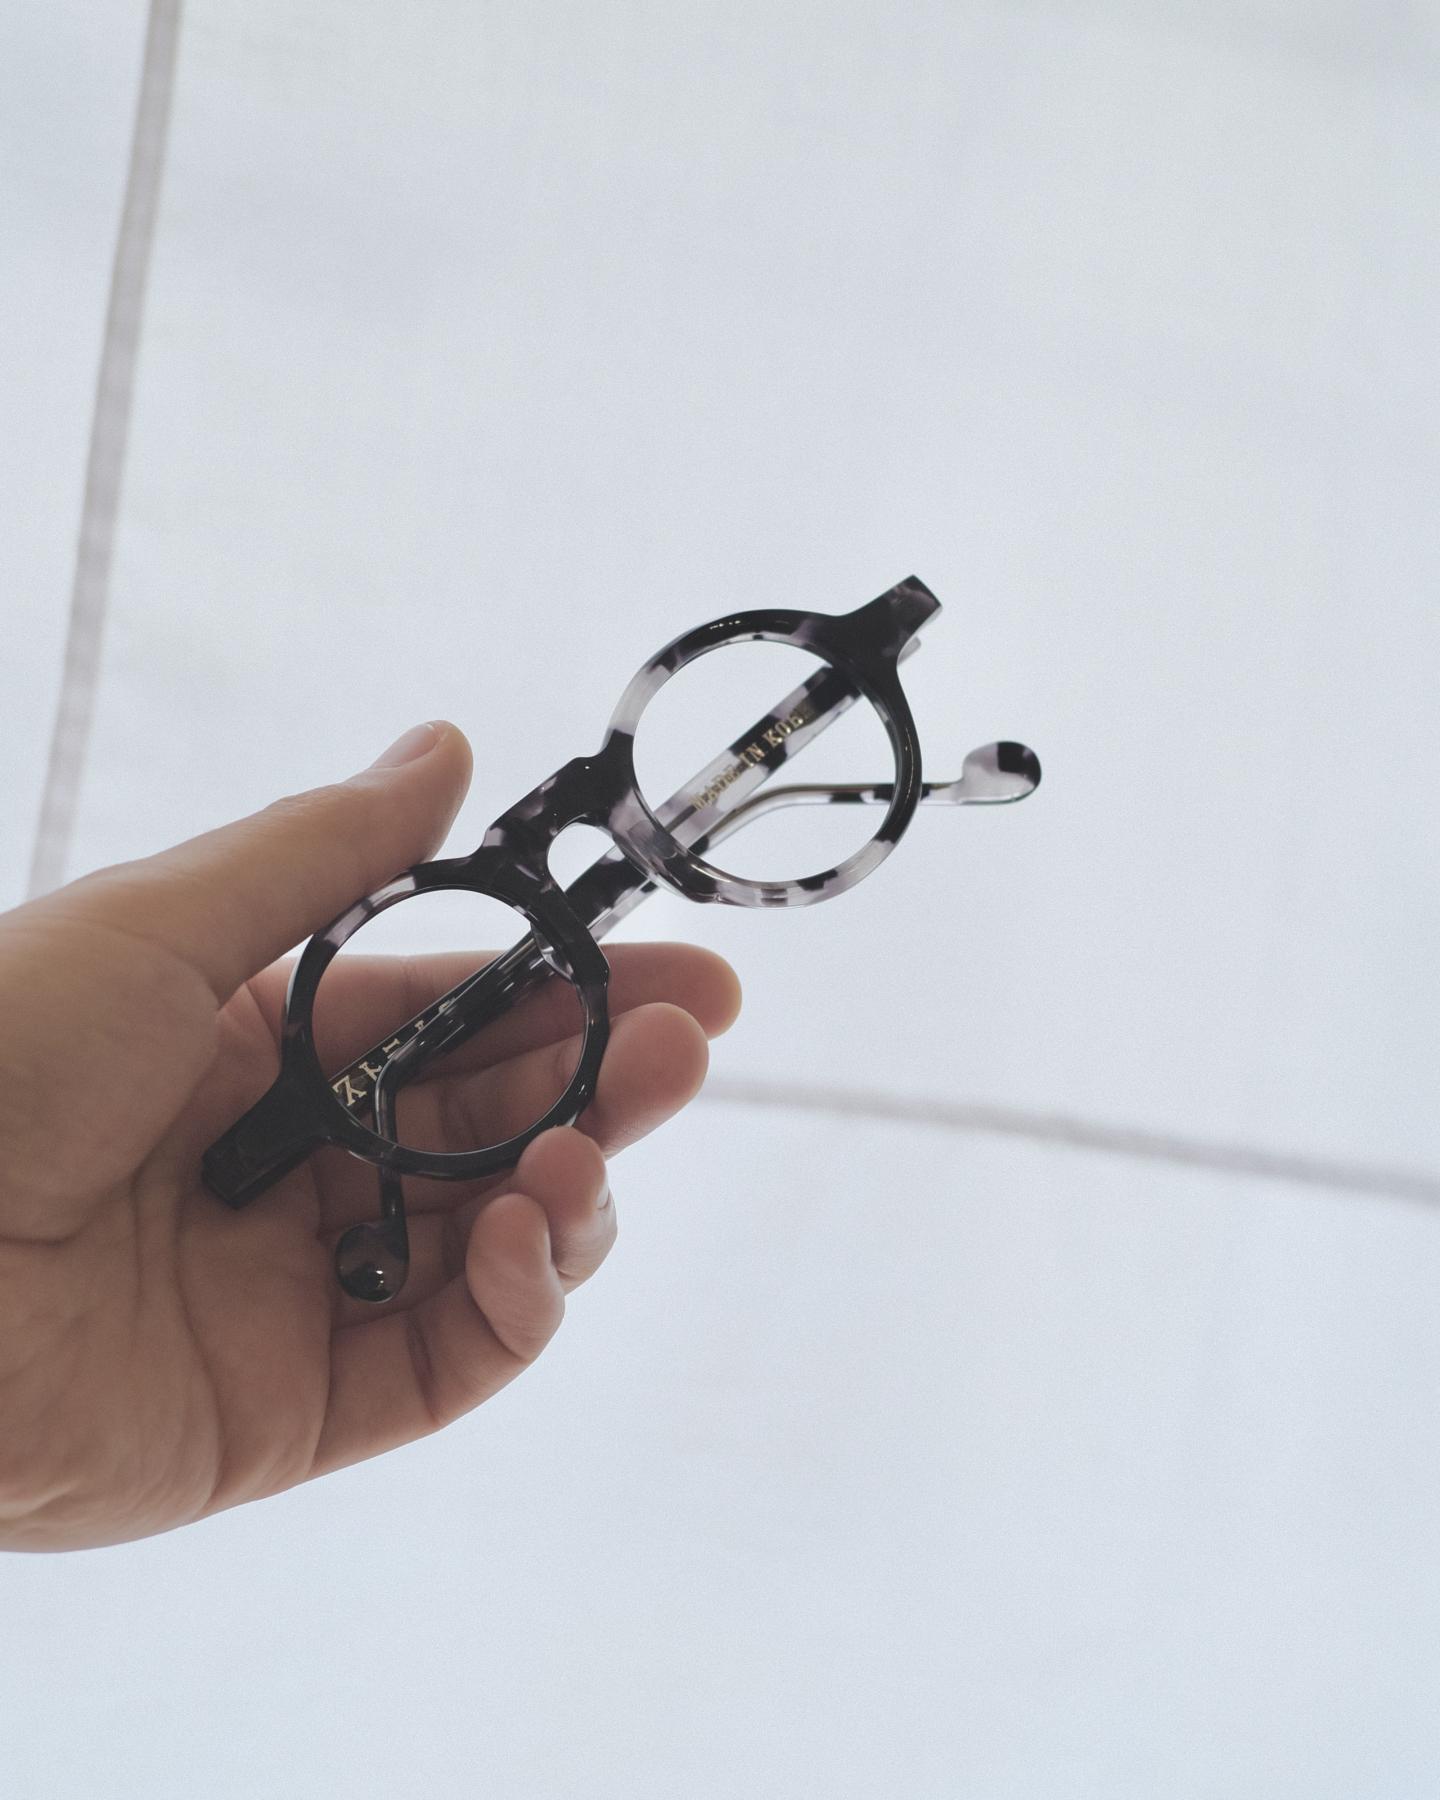 丸眼鏡「限定」オーダー会の開催